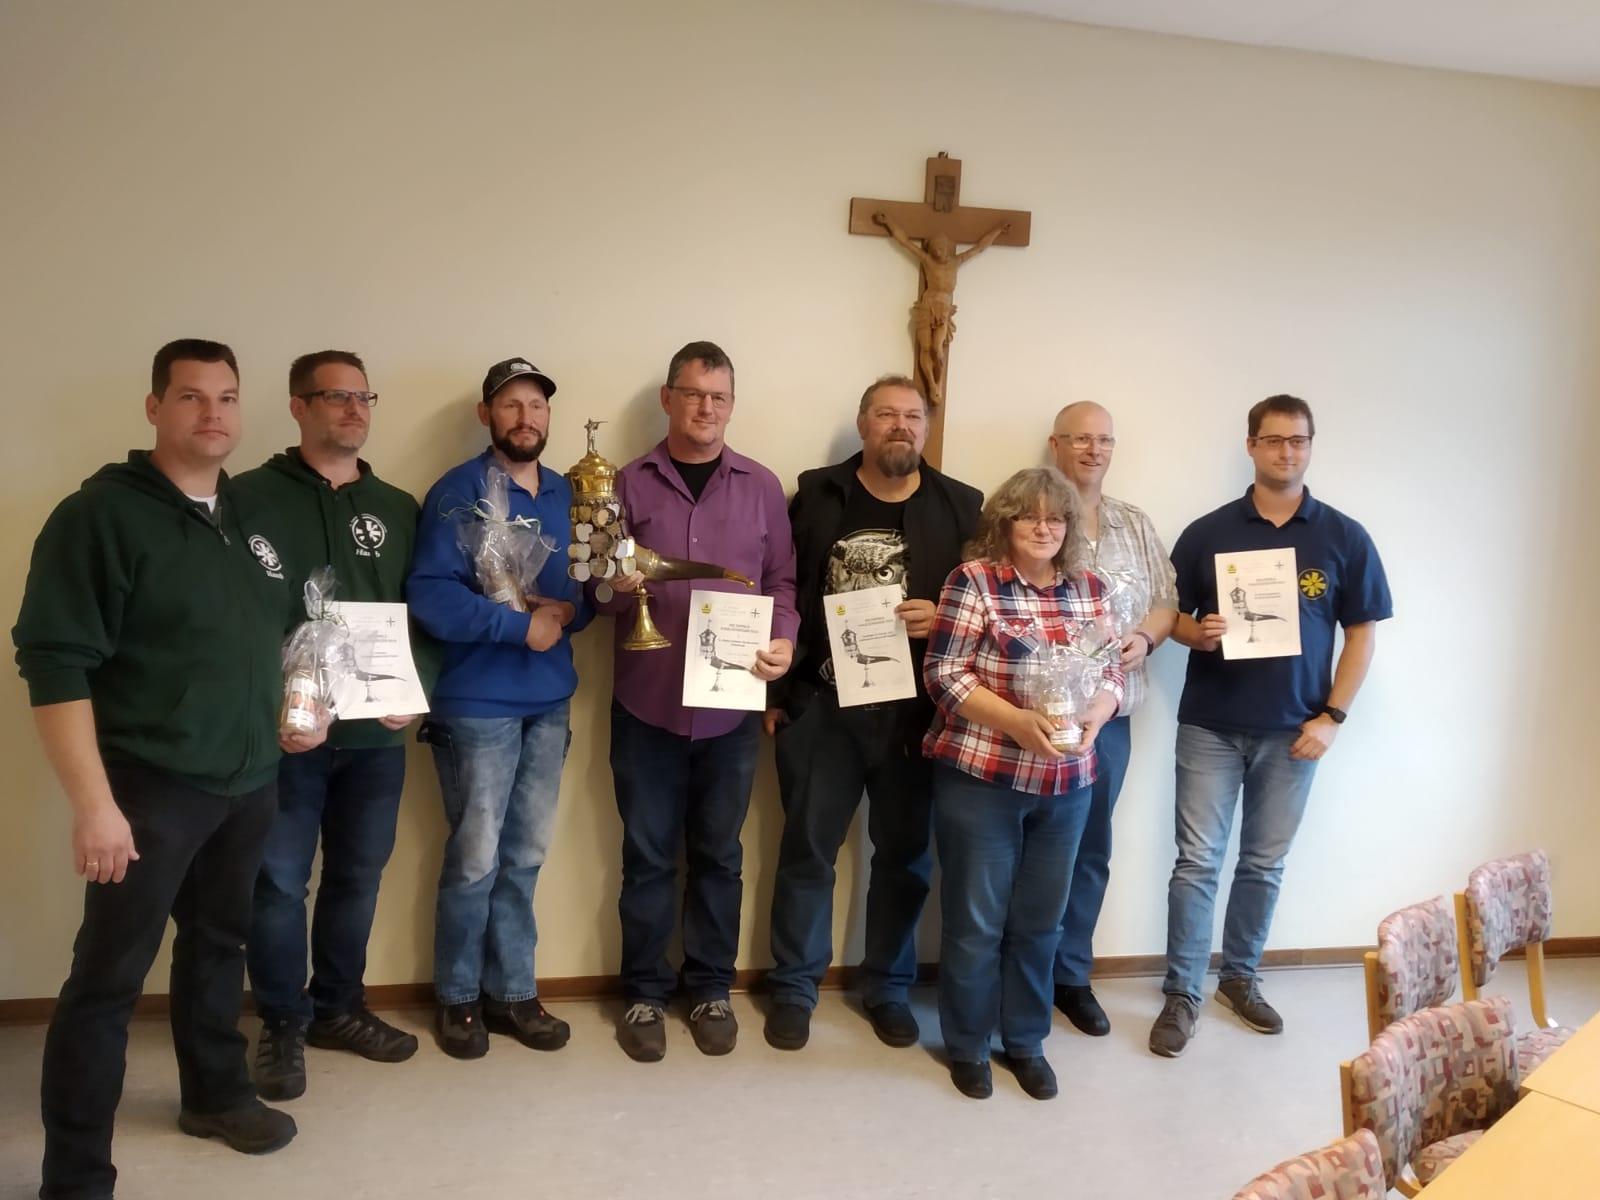 Holtappelspokalschießen in Kapellen